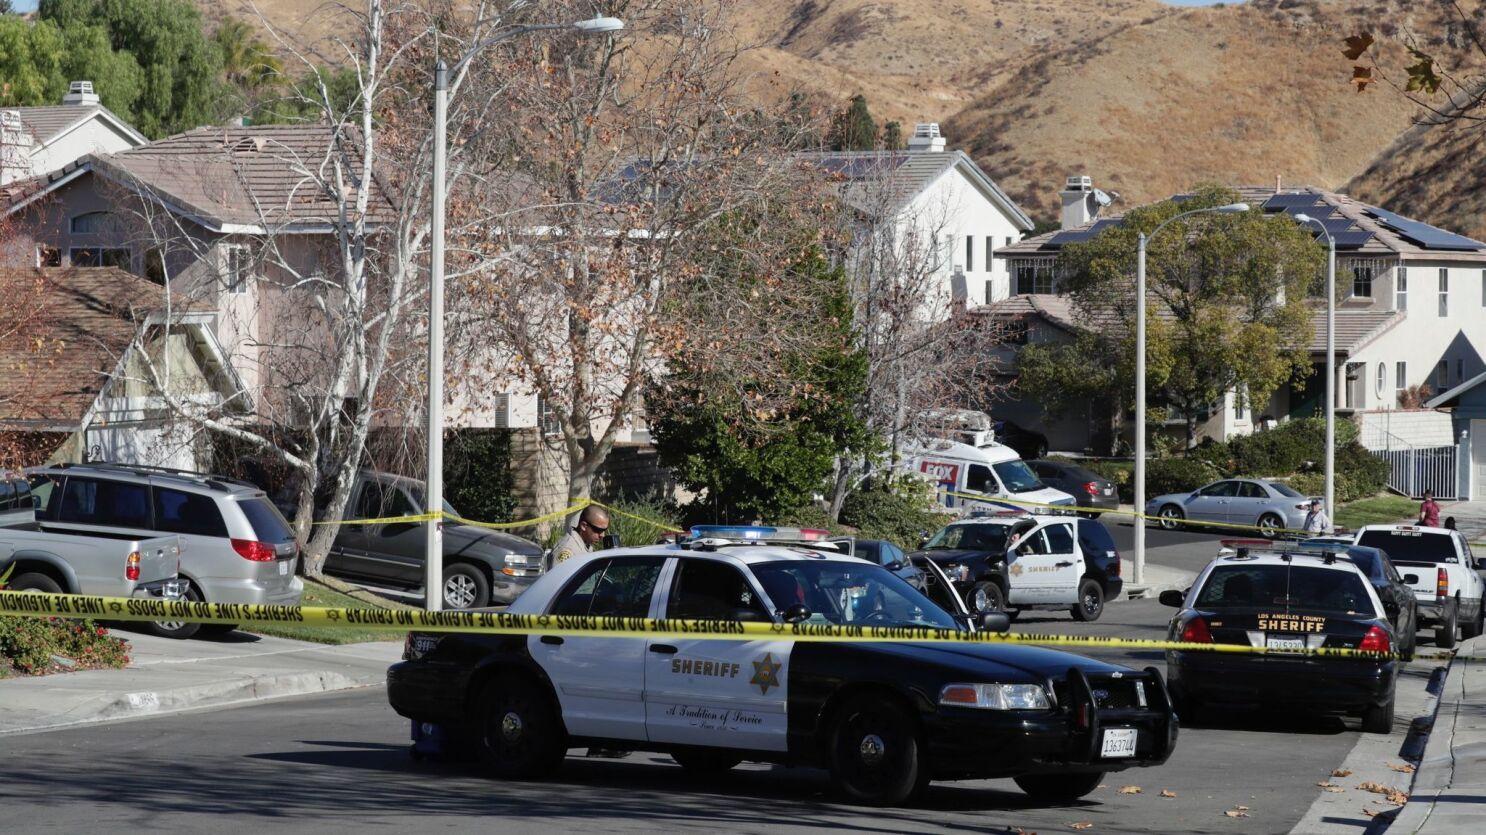 4 killed, including young boy, in shooting at Santa Clarita